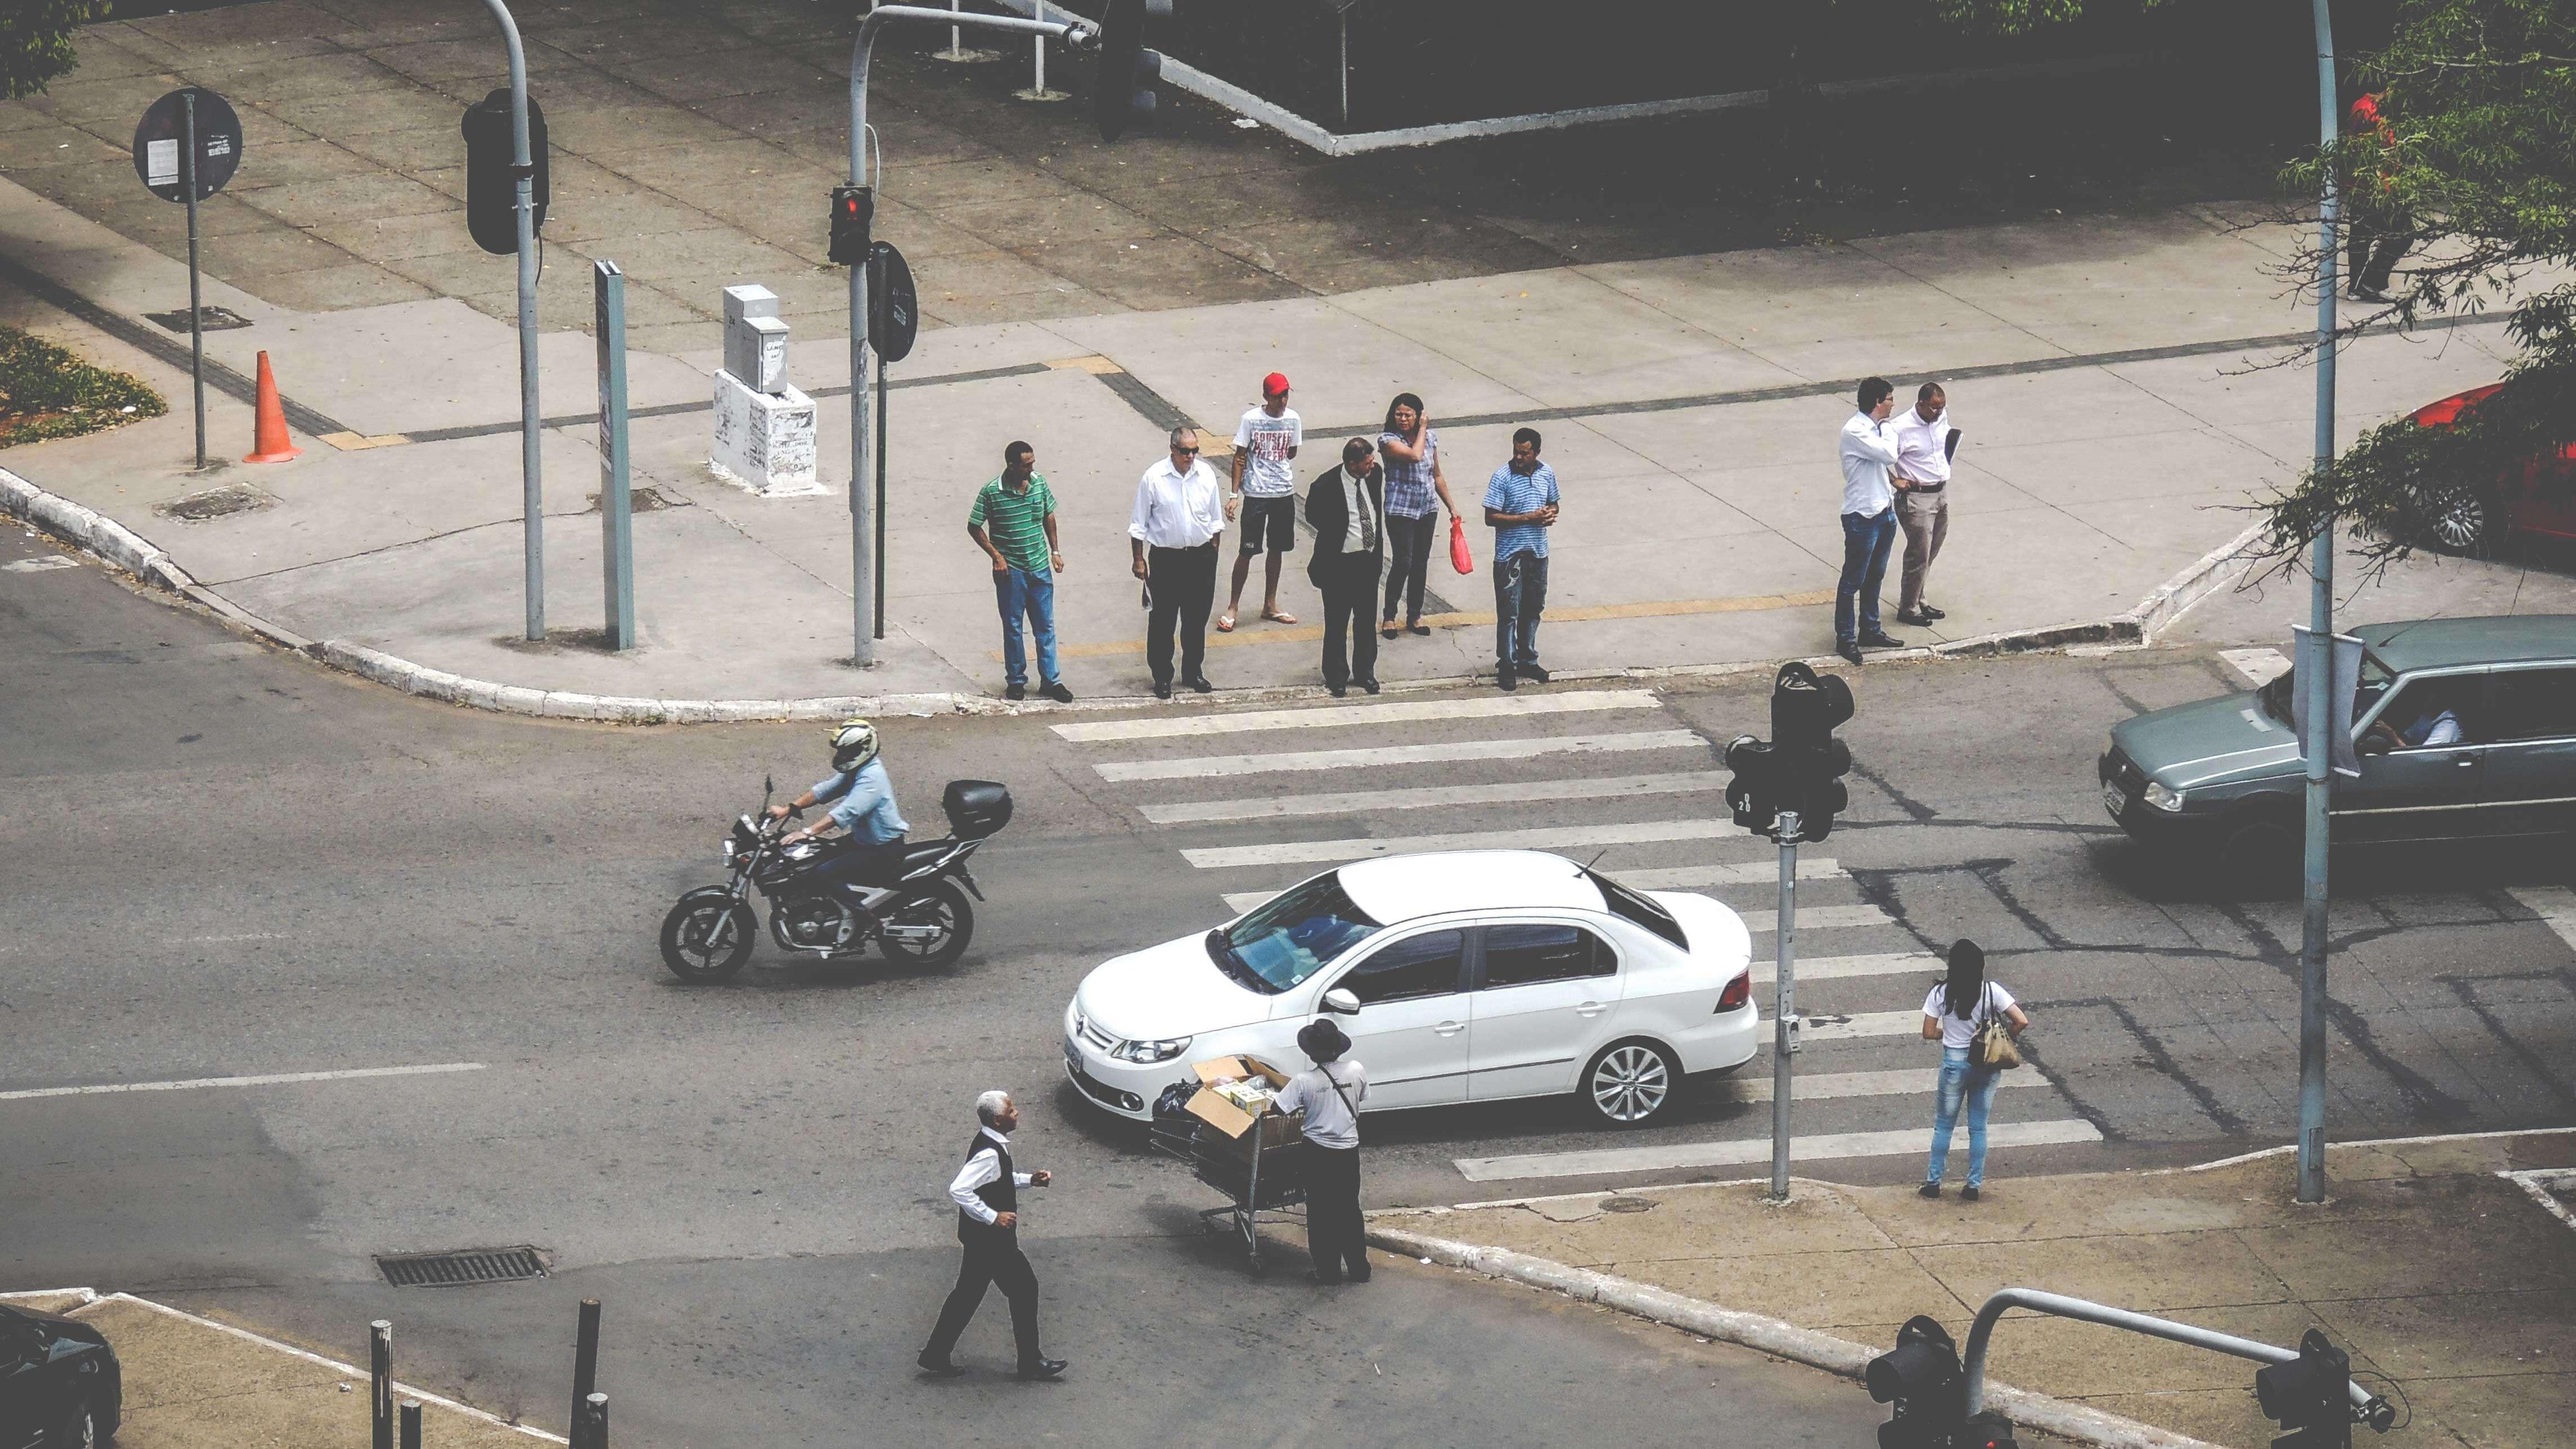 Rua vista de cima com pedestres aguardando para atravessar na faixa enquanto um carro branco passa.